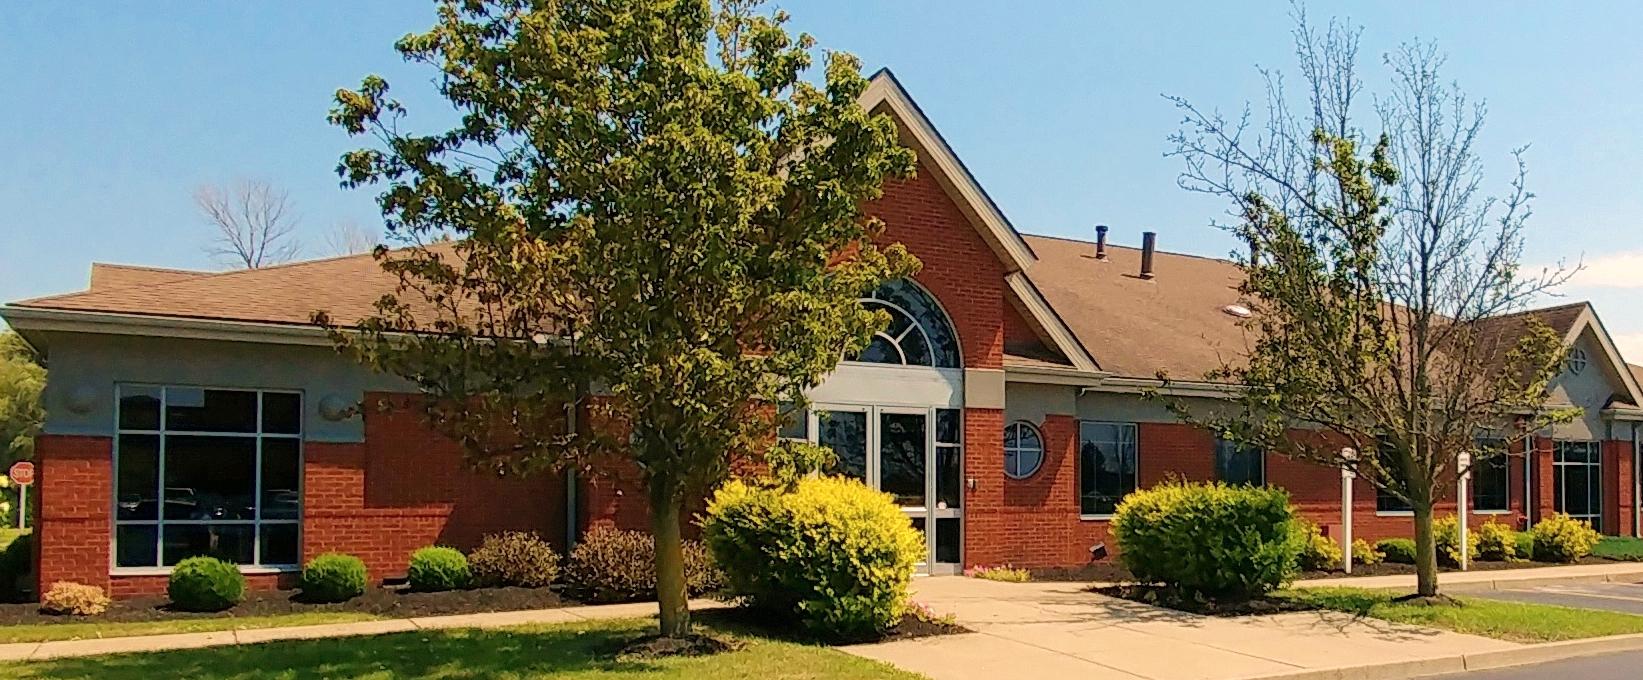 Insurance Office   Buffalo, NY   Sheridan Benefits, LLC